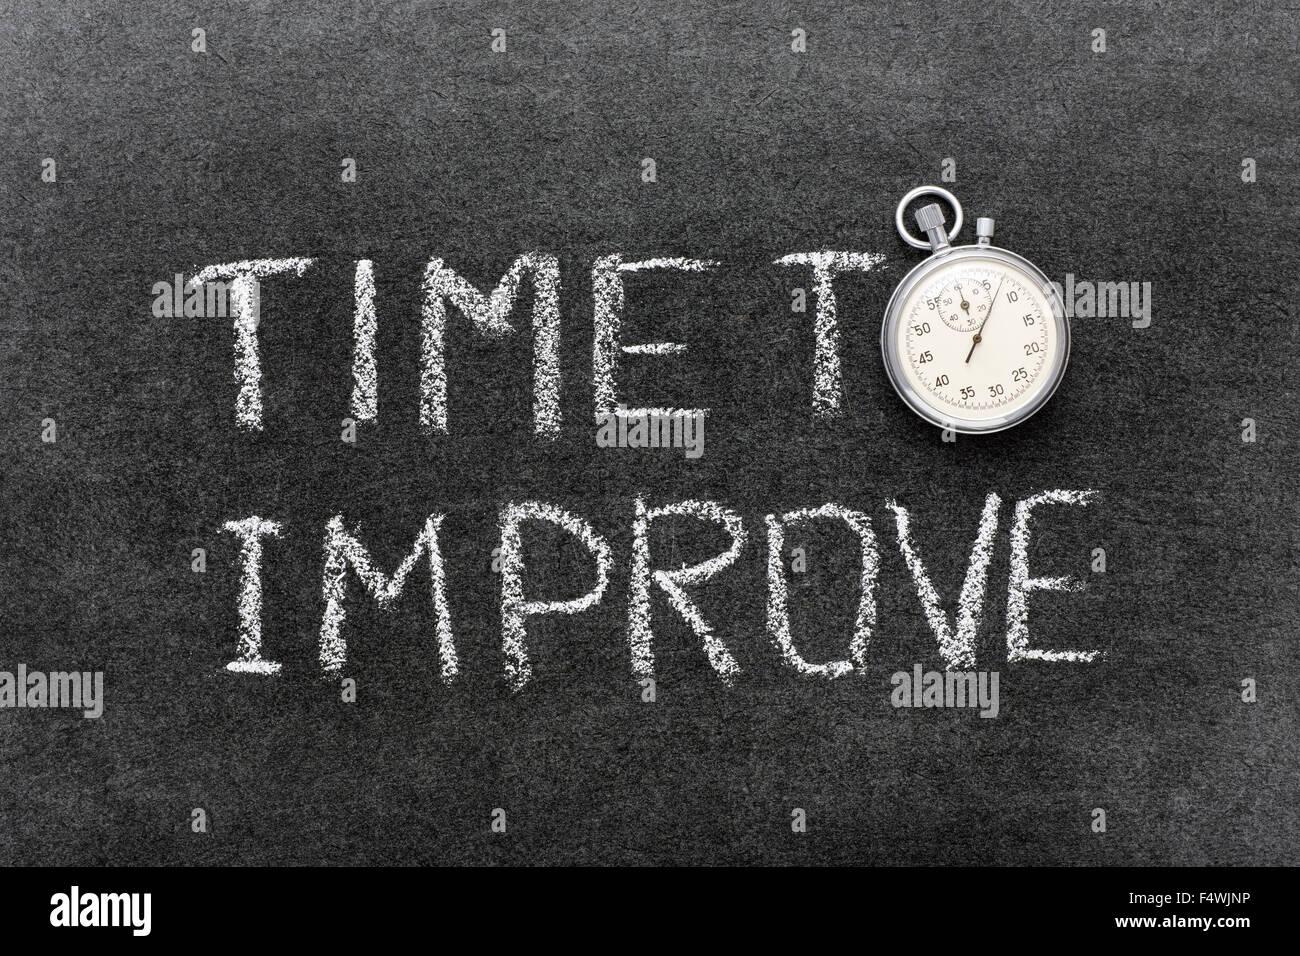 Zeit, Ausdruck handschriftlich auf Tafel mit Vintage präzise Stoppuhr verwendet anstelle von O zu verbessern Stockbild